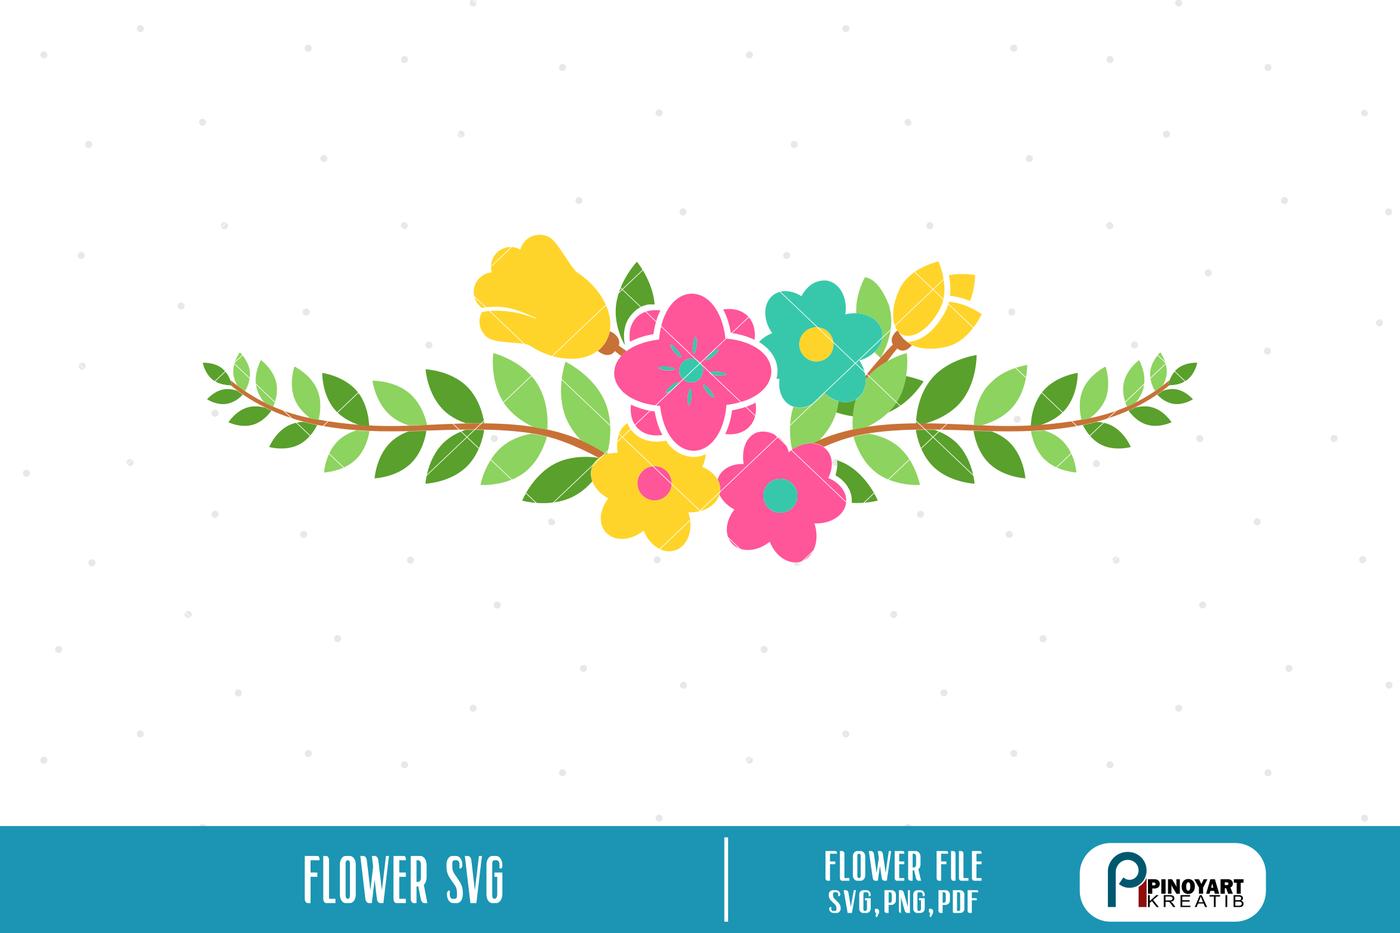 Flower Svg Floral Svg Flower Svg Flower Svg File Flower Svg For